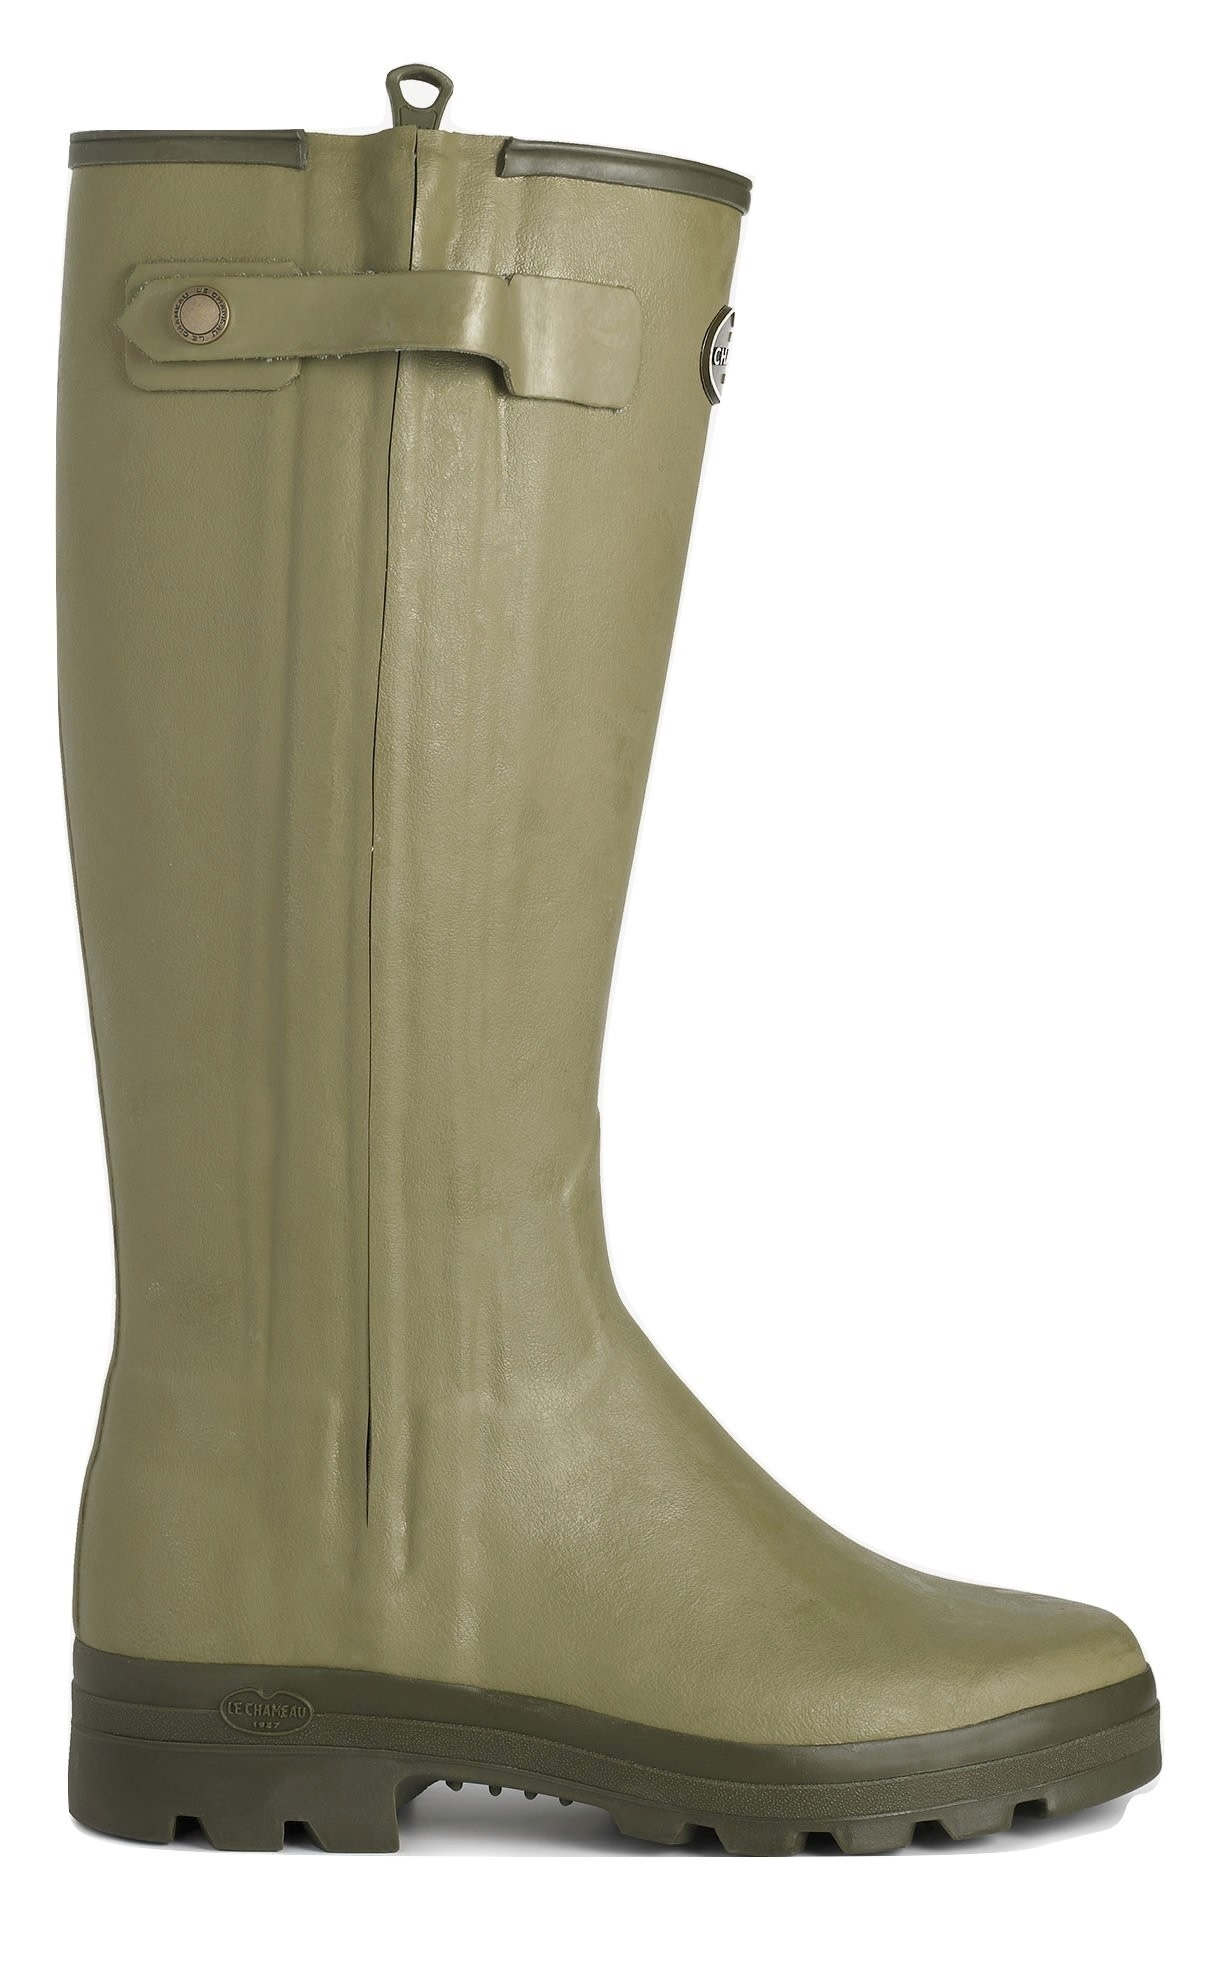 Le Chameau Men's Chasseur Leather Lined Boot Vert Vierzon-2